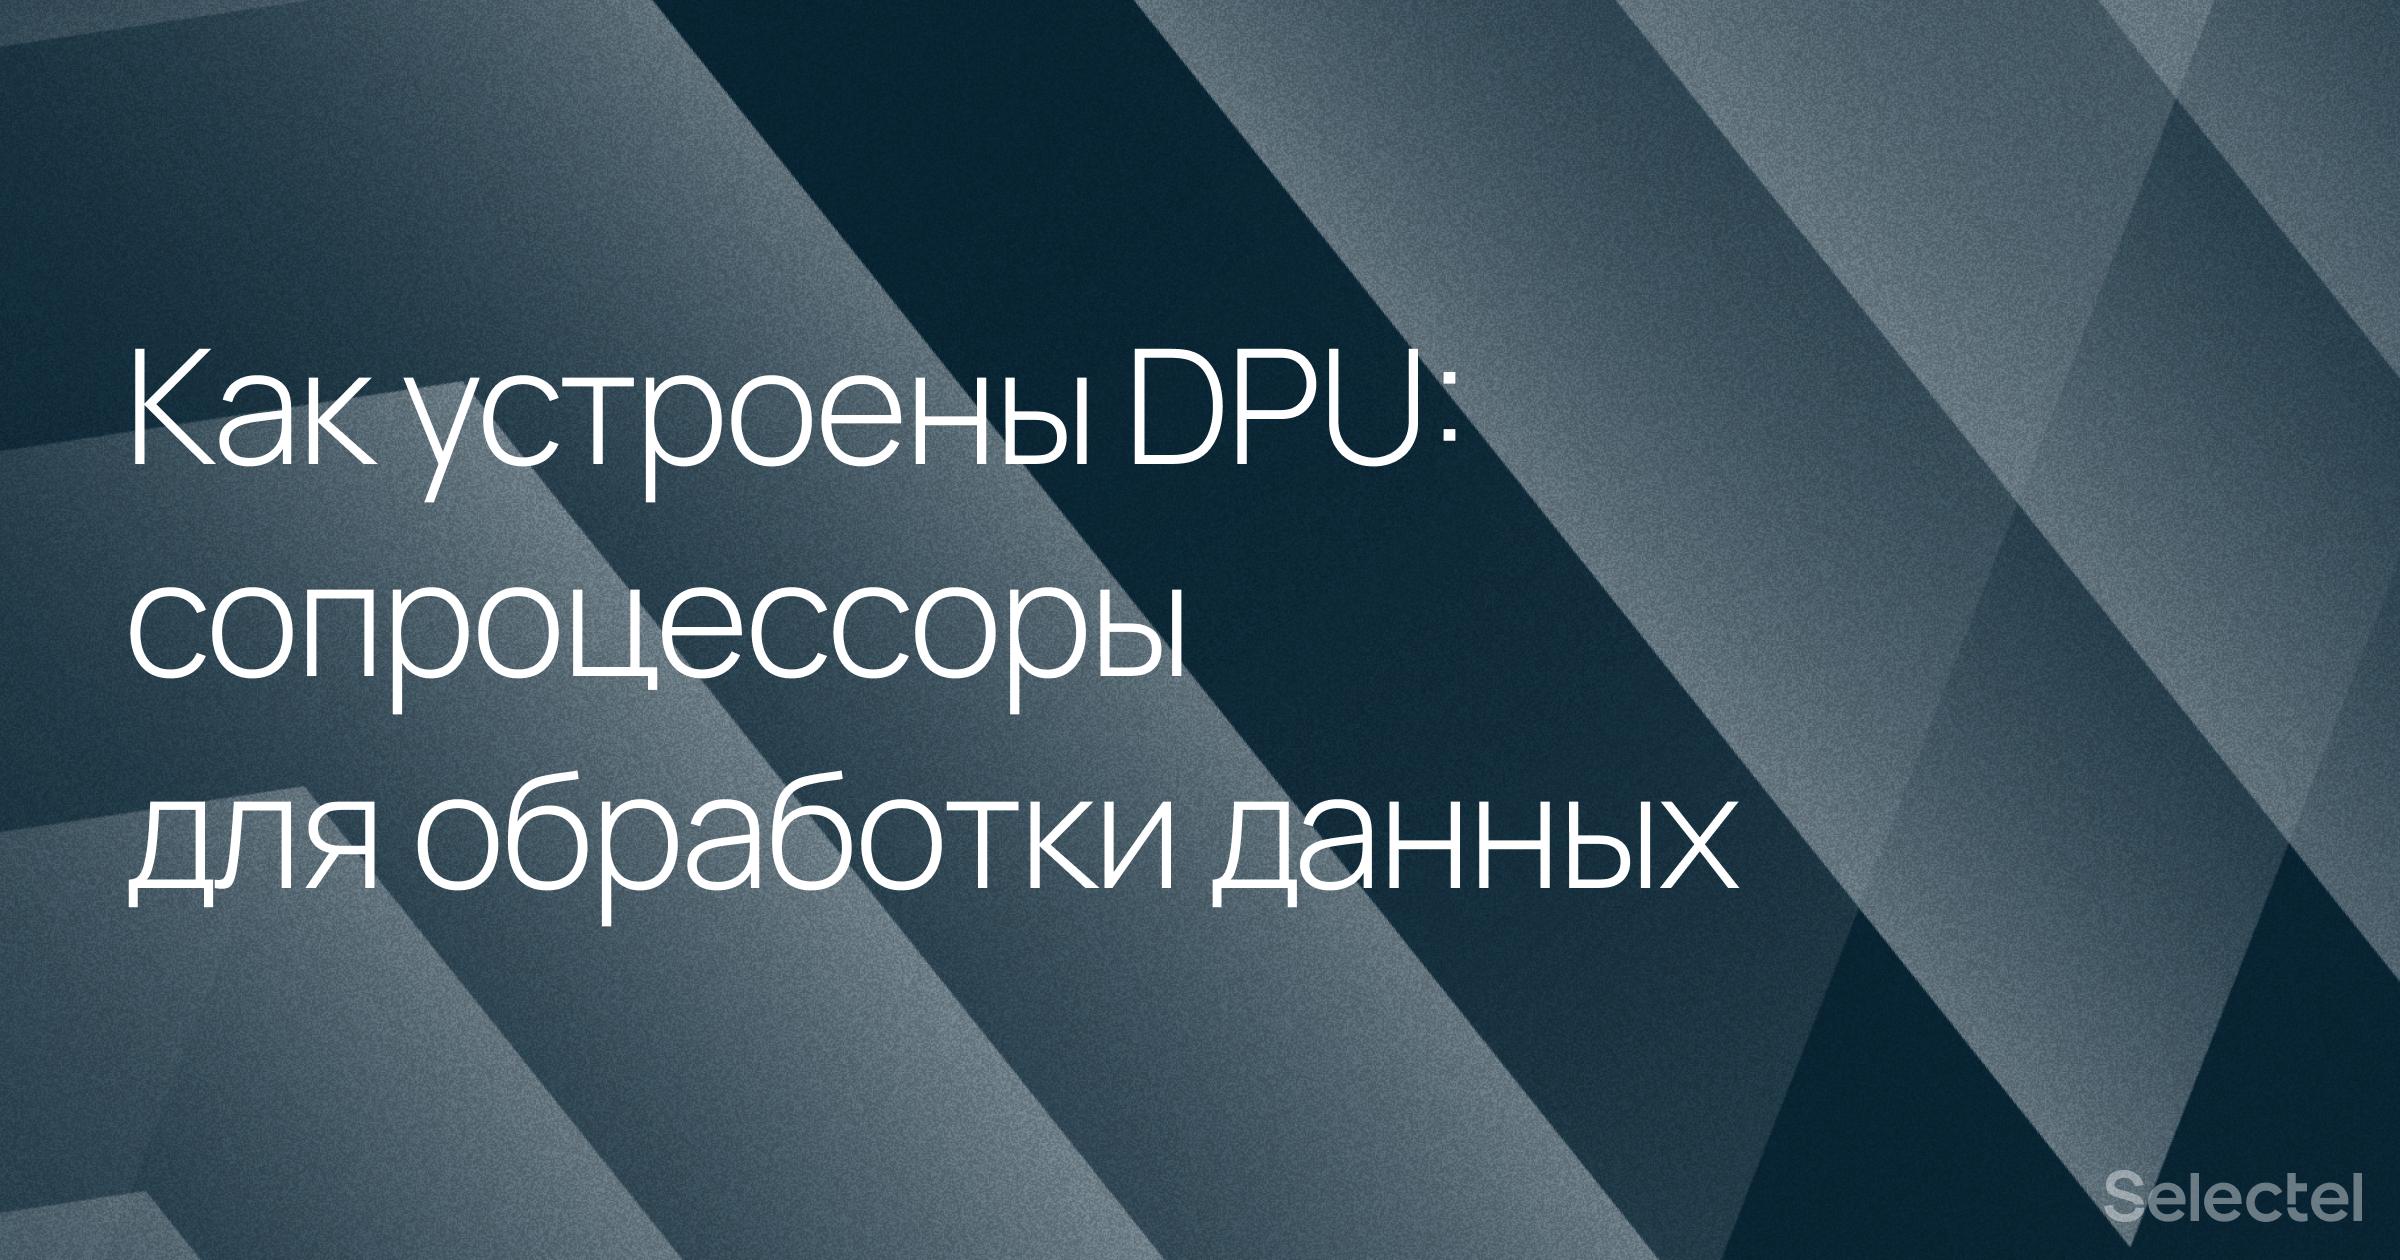 Как устроены DPU, сопроцессоры для обработки данных